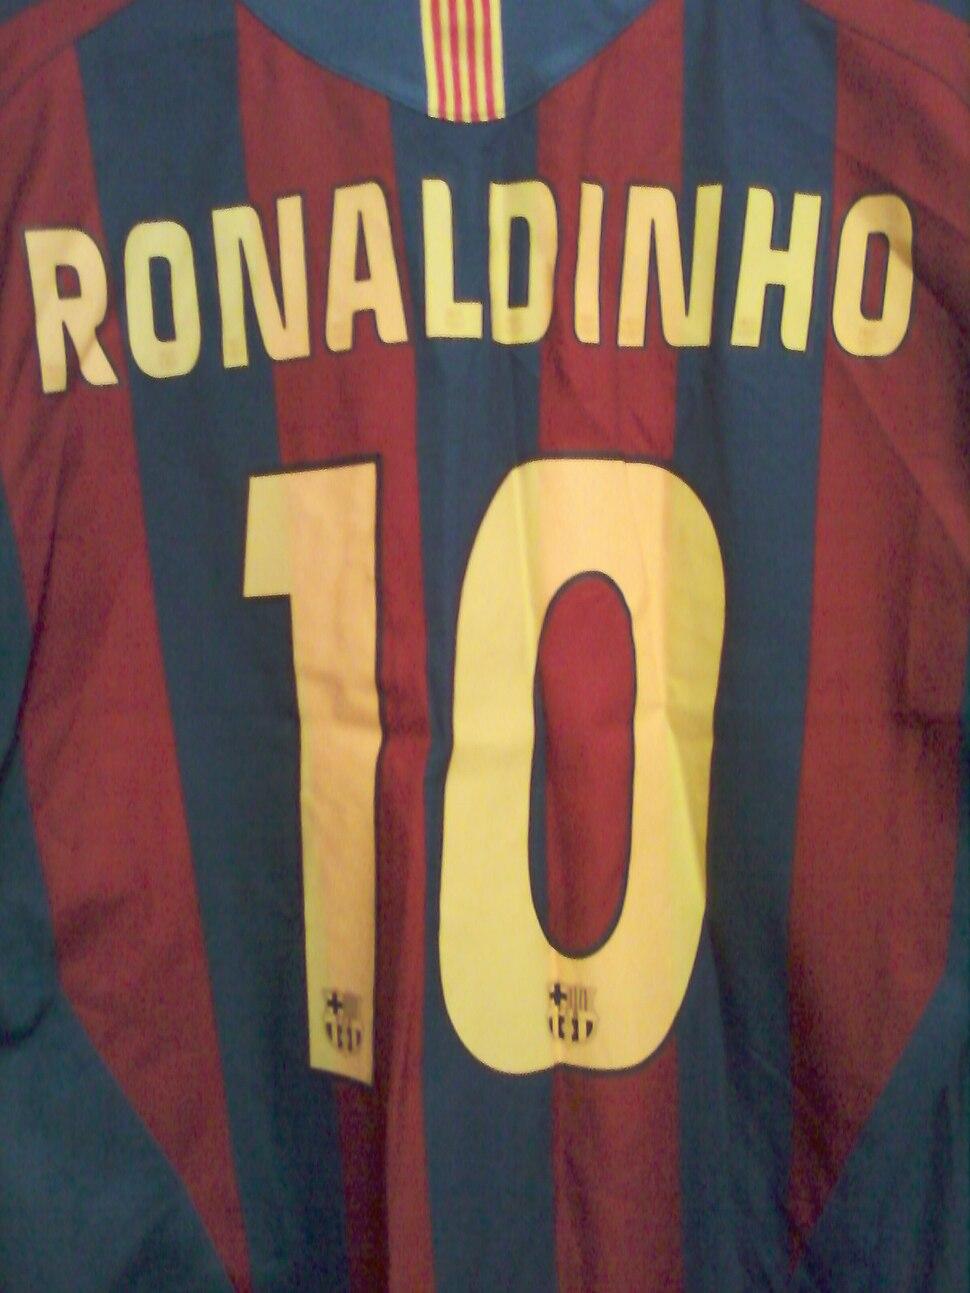 Ronaldinho-fcb-2005-2006-home-shirt